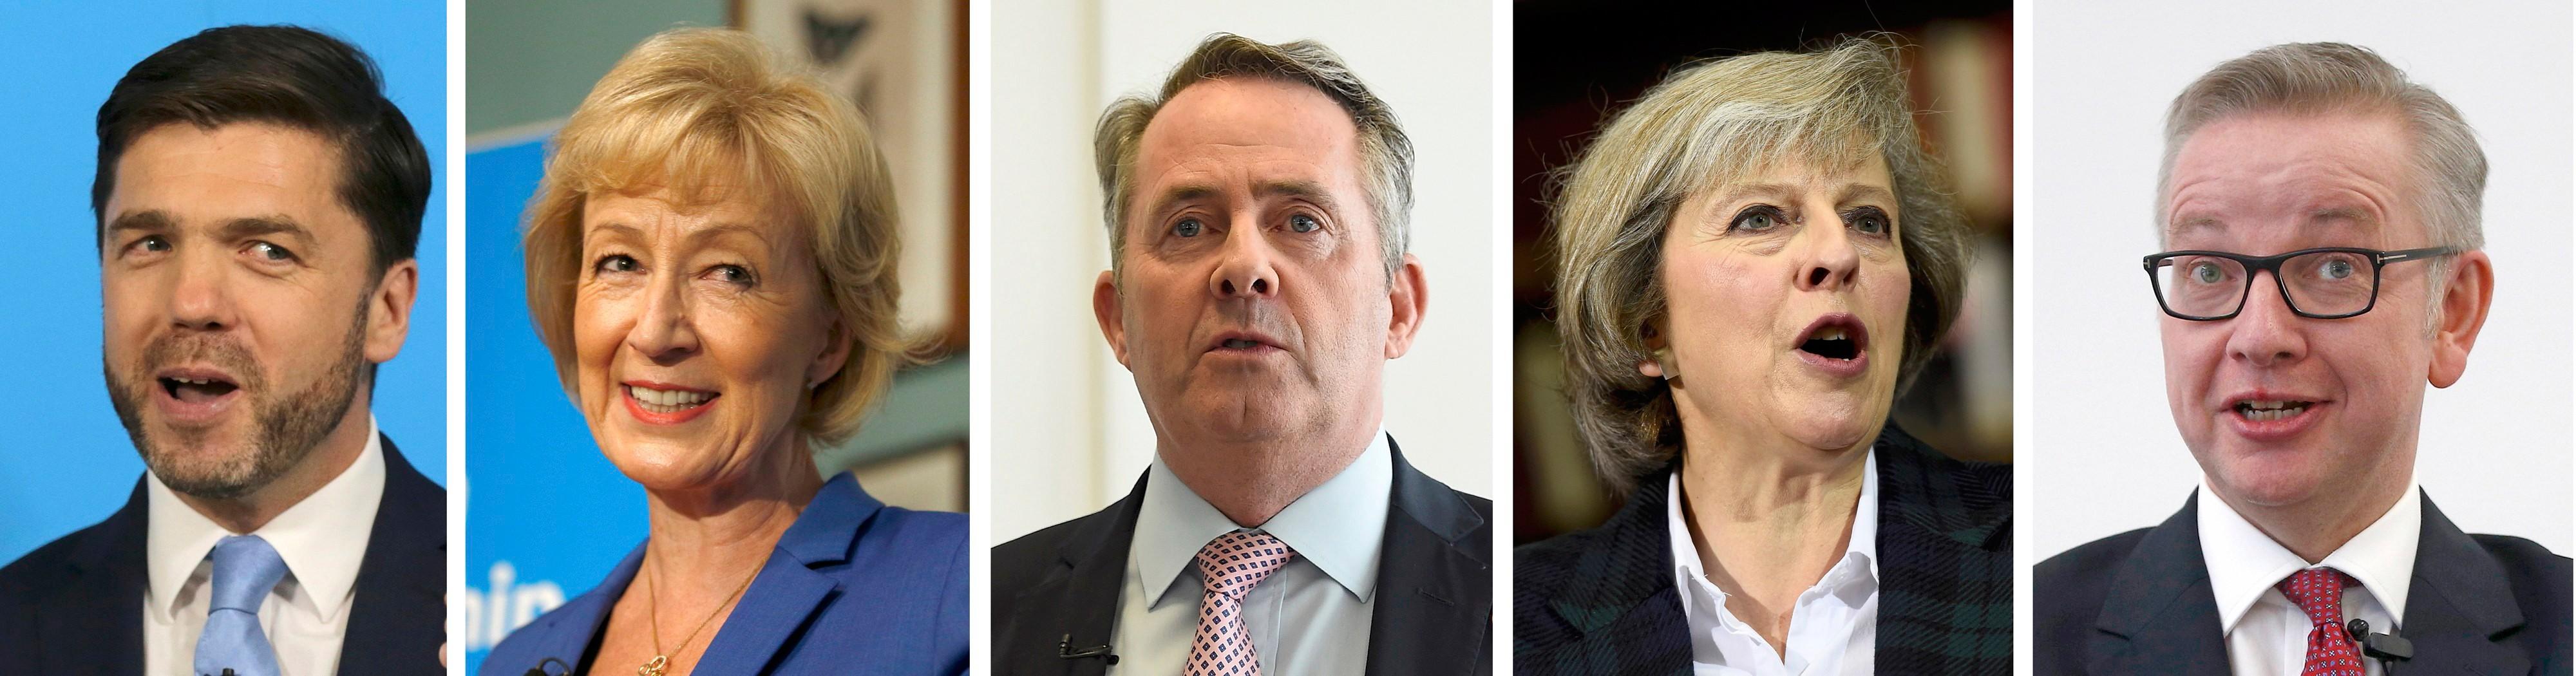 Stephen Crabb, Andrea Leadsom, Liam Fox, Theresa May e Michael Gove concorrem ao cargo de premiê britânico. Partido Conservador iniciou processo de escolha para sucessor do David Cameron nesta terça-feira (5) (Foto: Reuters)